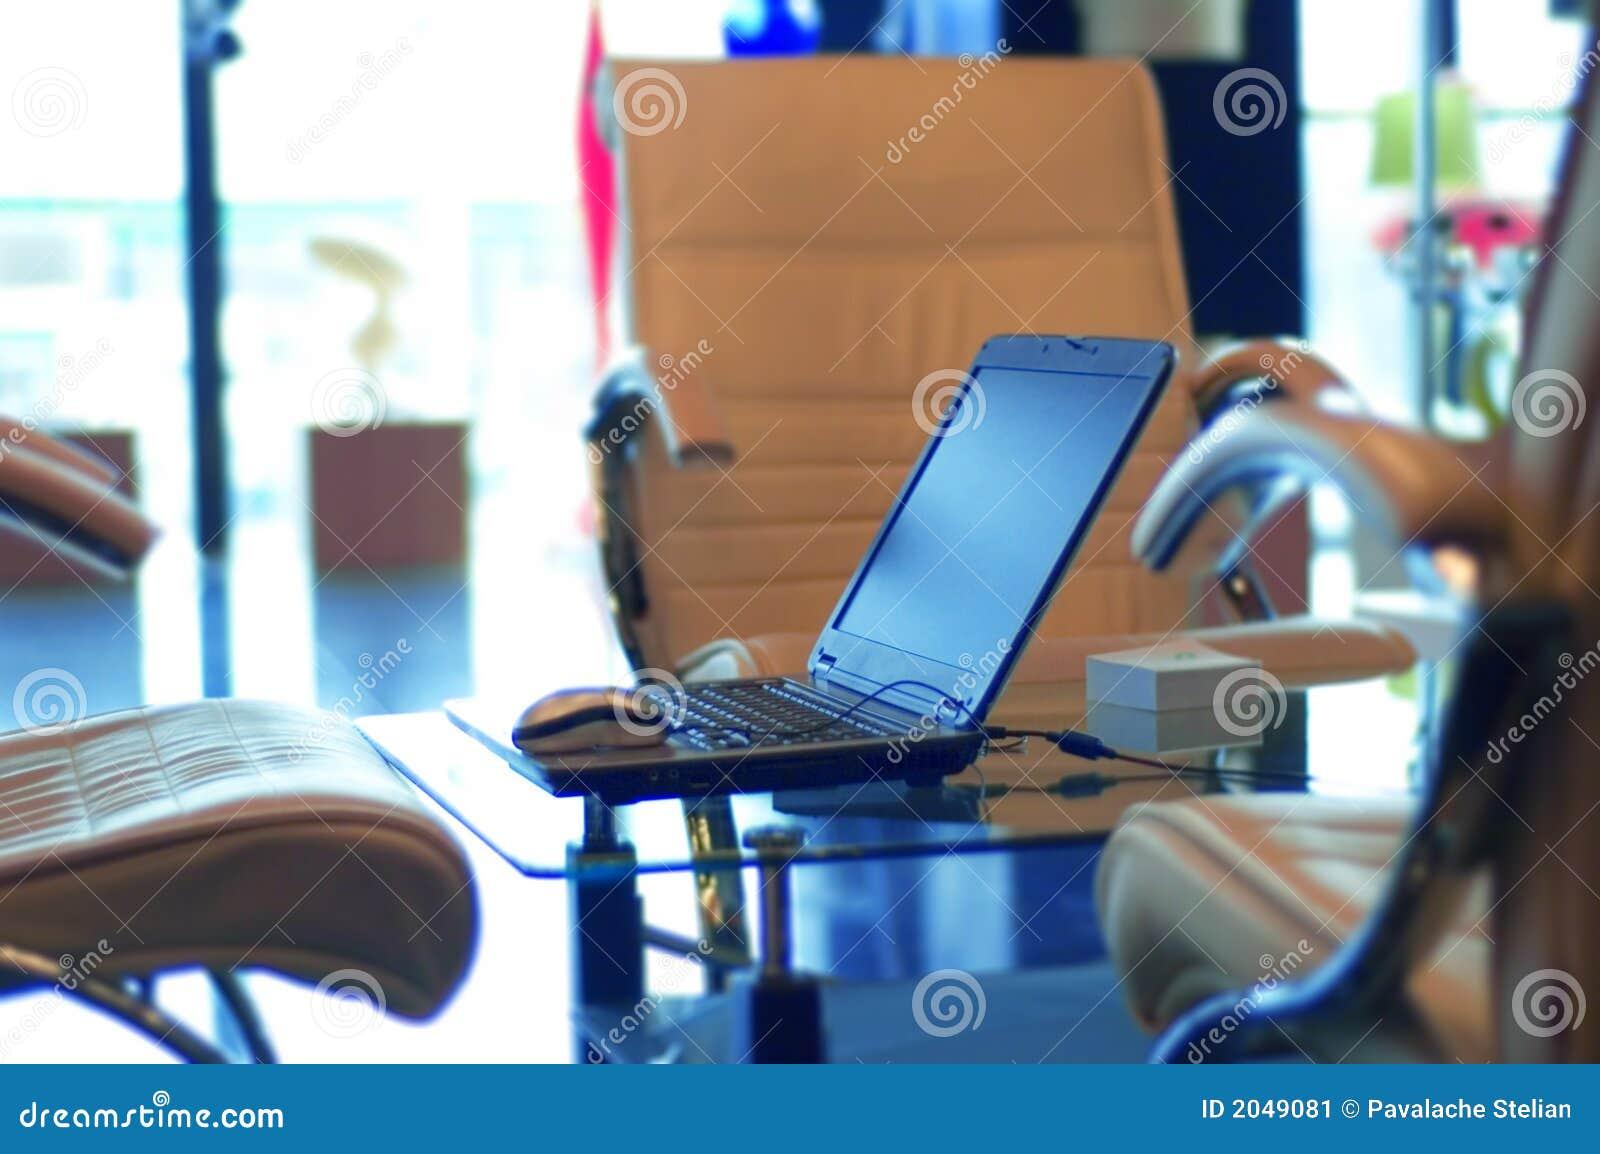 Oficina y computadora port til modernas imagen de archivo for Oficina portatil